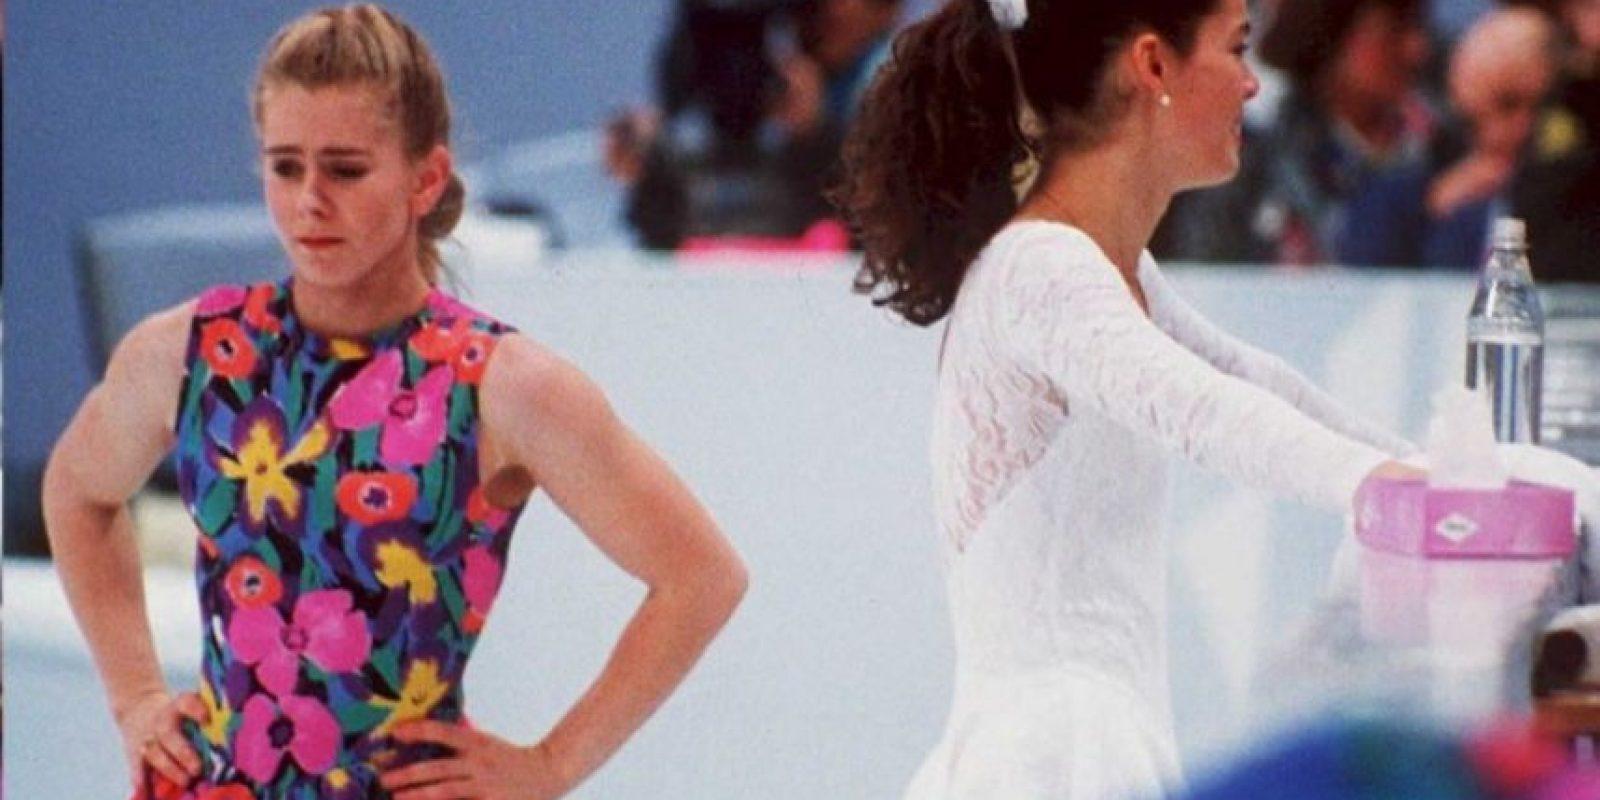 Tonya Harding y Nancy Kerrigan tuvieron una animada rivalidad como patinadoras artísticas, que terminó de forma terrible cuando la primera le encargó a un matón que atentara contra su competidora. Recibió una sanción de por vida Foto:AFP